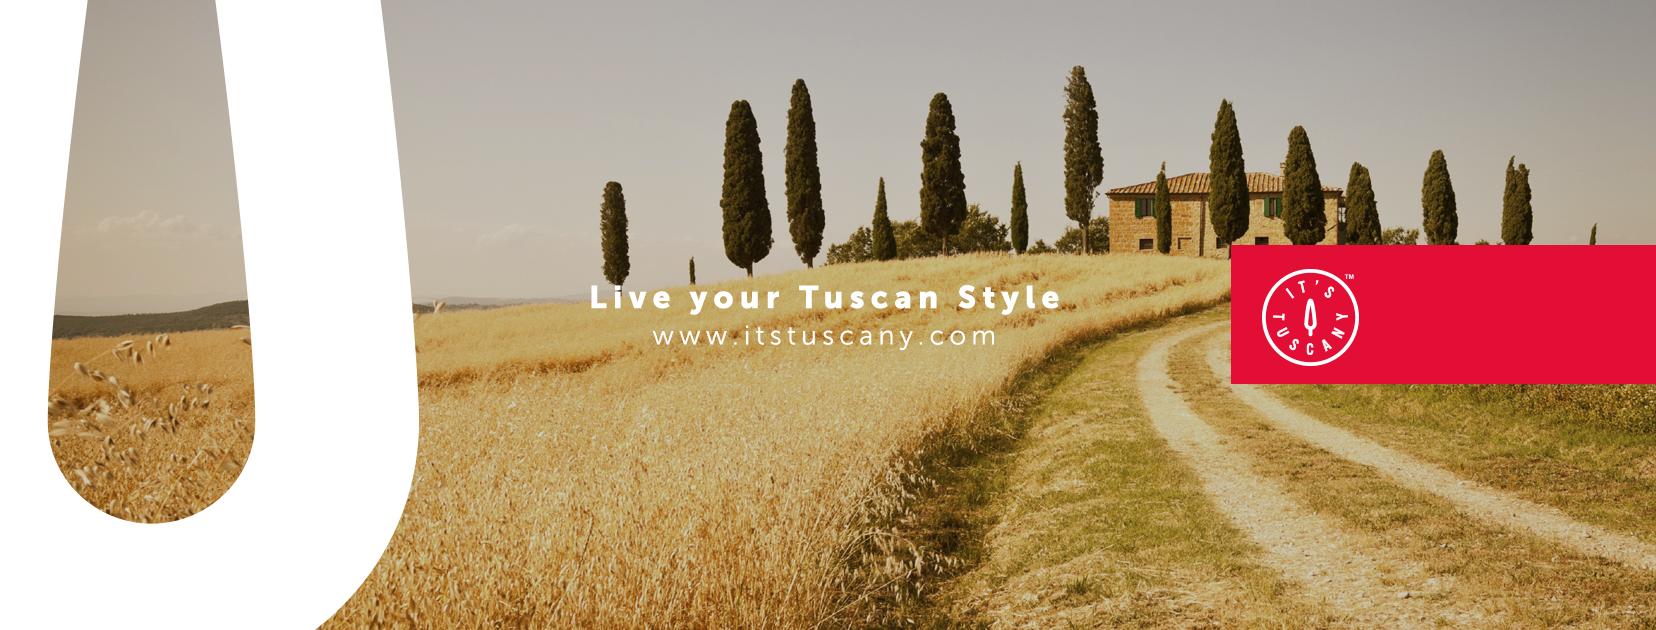 It's Tuscany